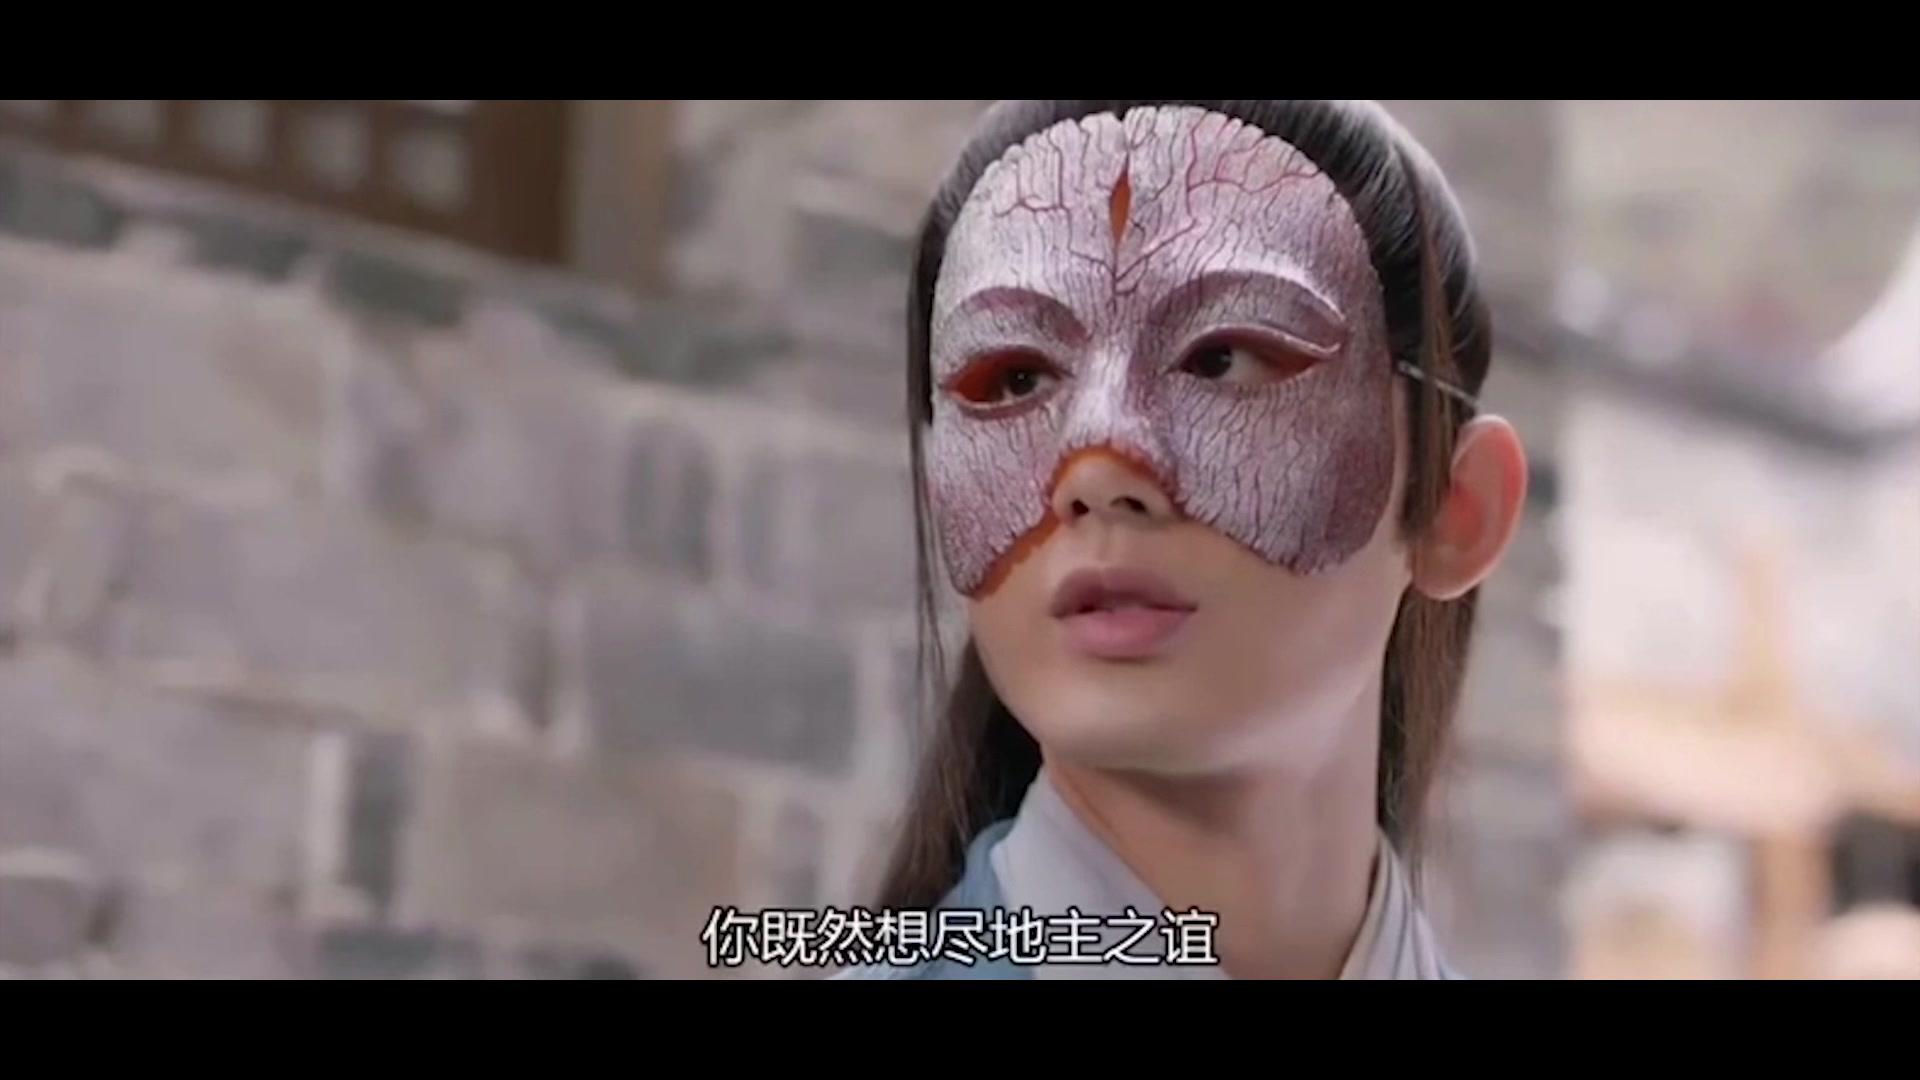 #追剧不能停#《琉璃》司凤护妻VS璇玑护夫,初遇CP又来疯狂撒狗粮了